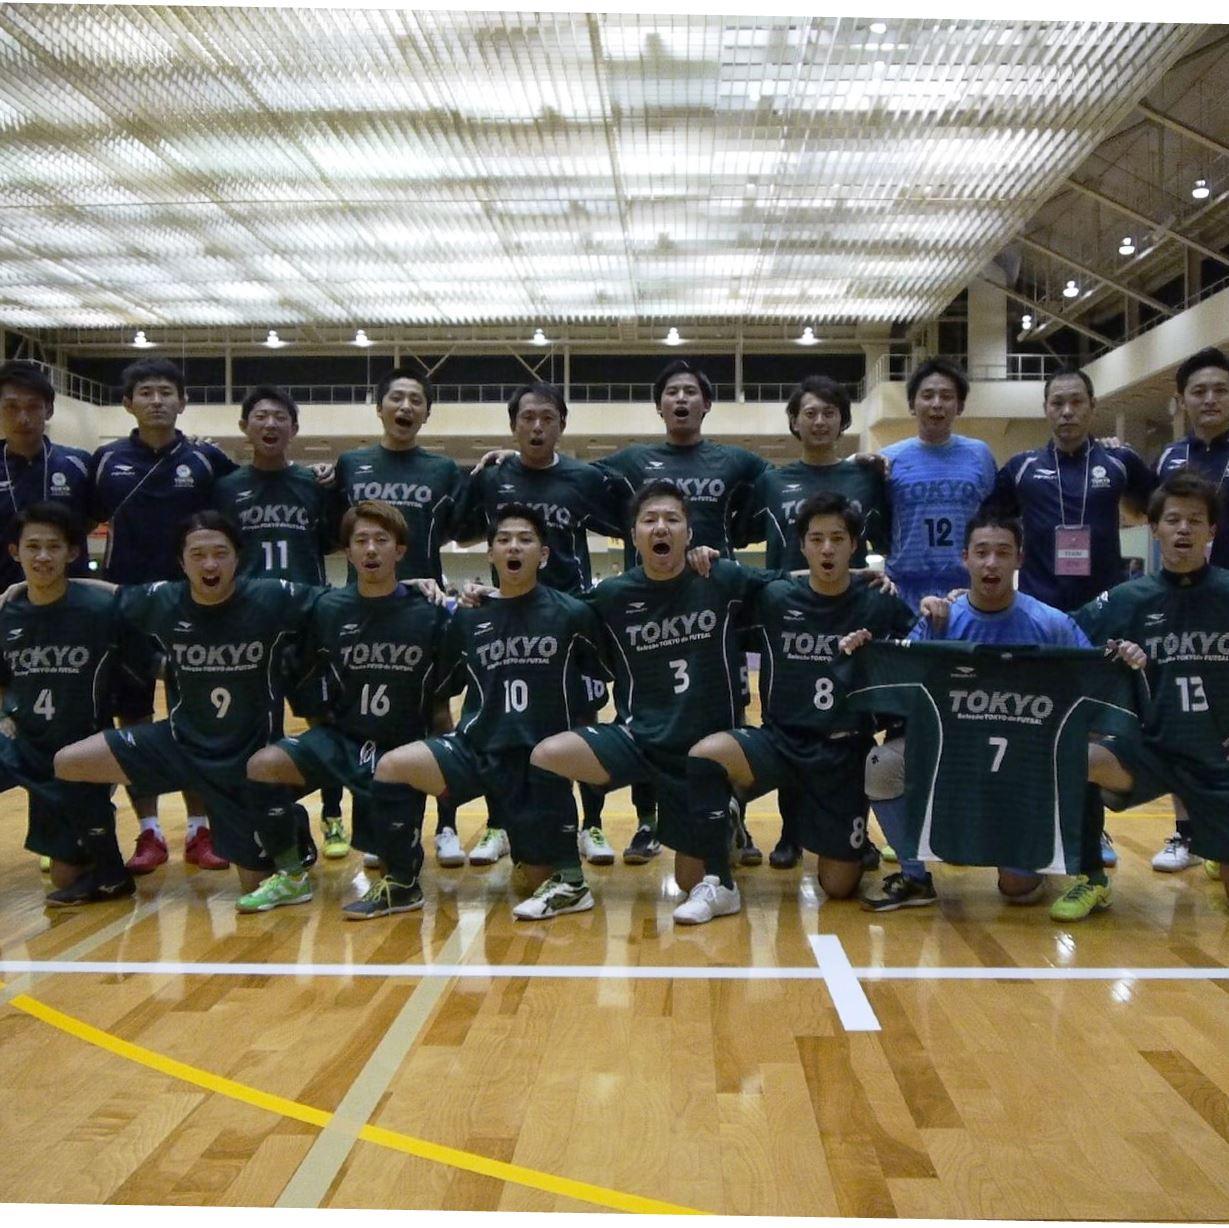 第33回全国フットサル選抜大会 東京都選抜は第3位